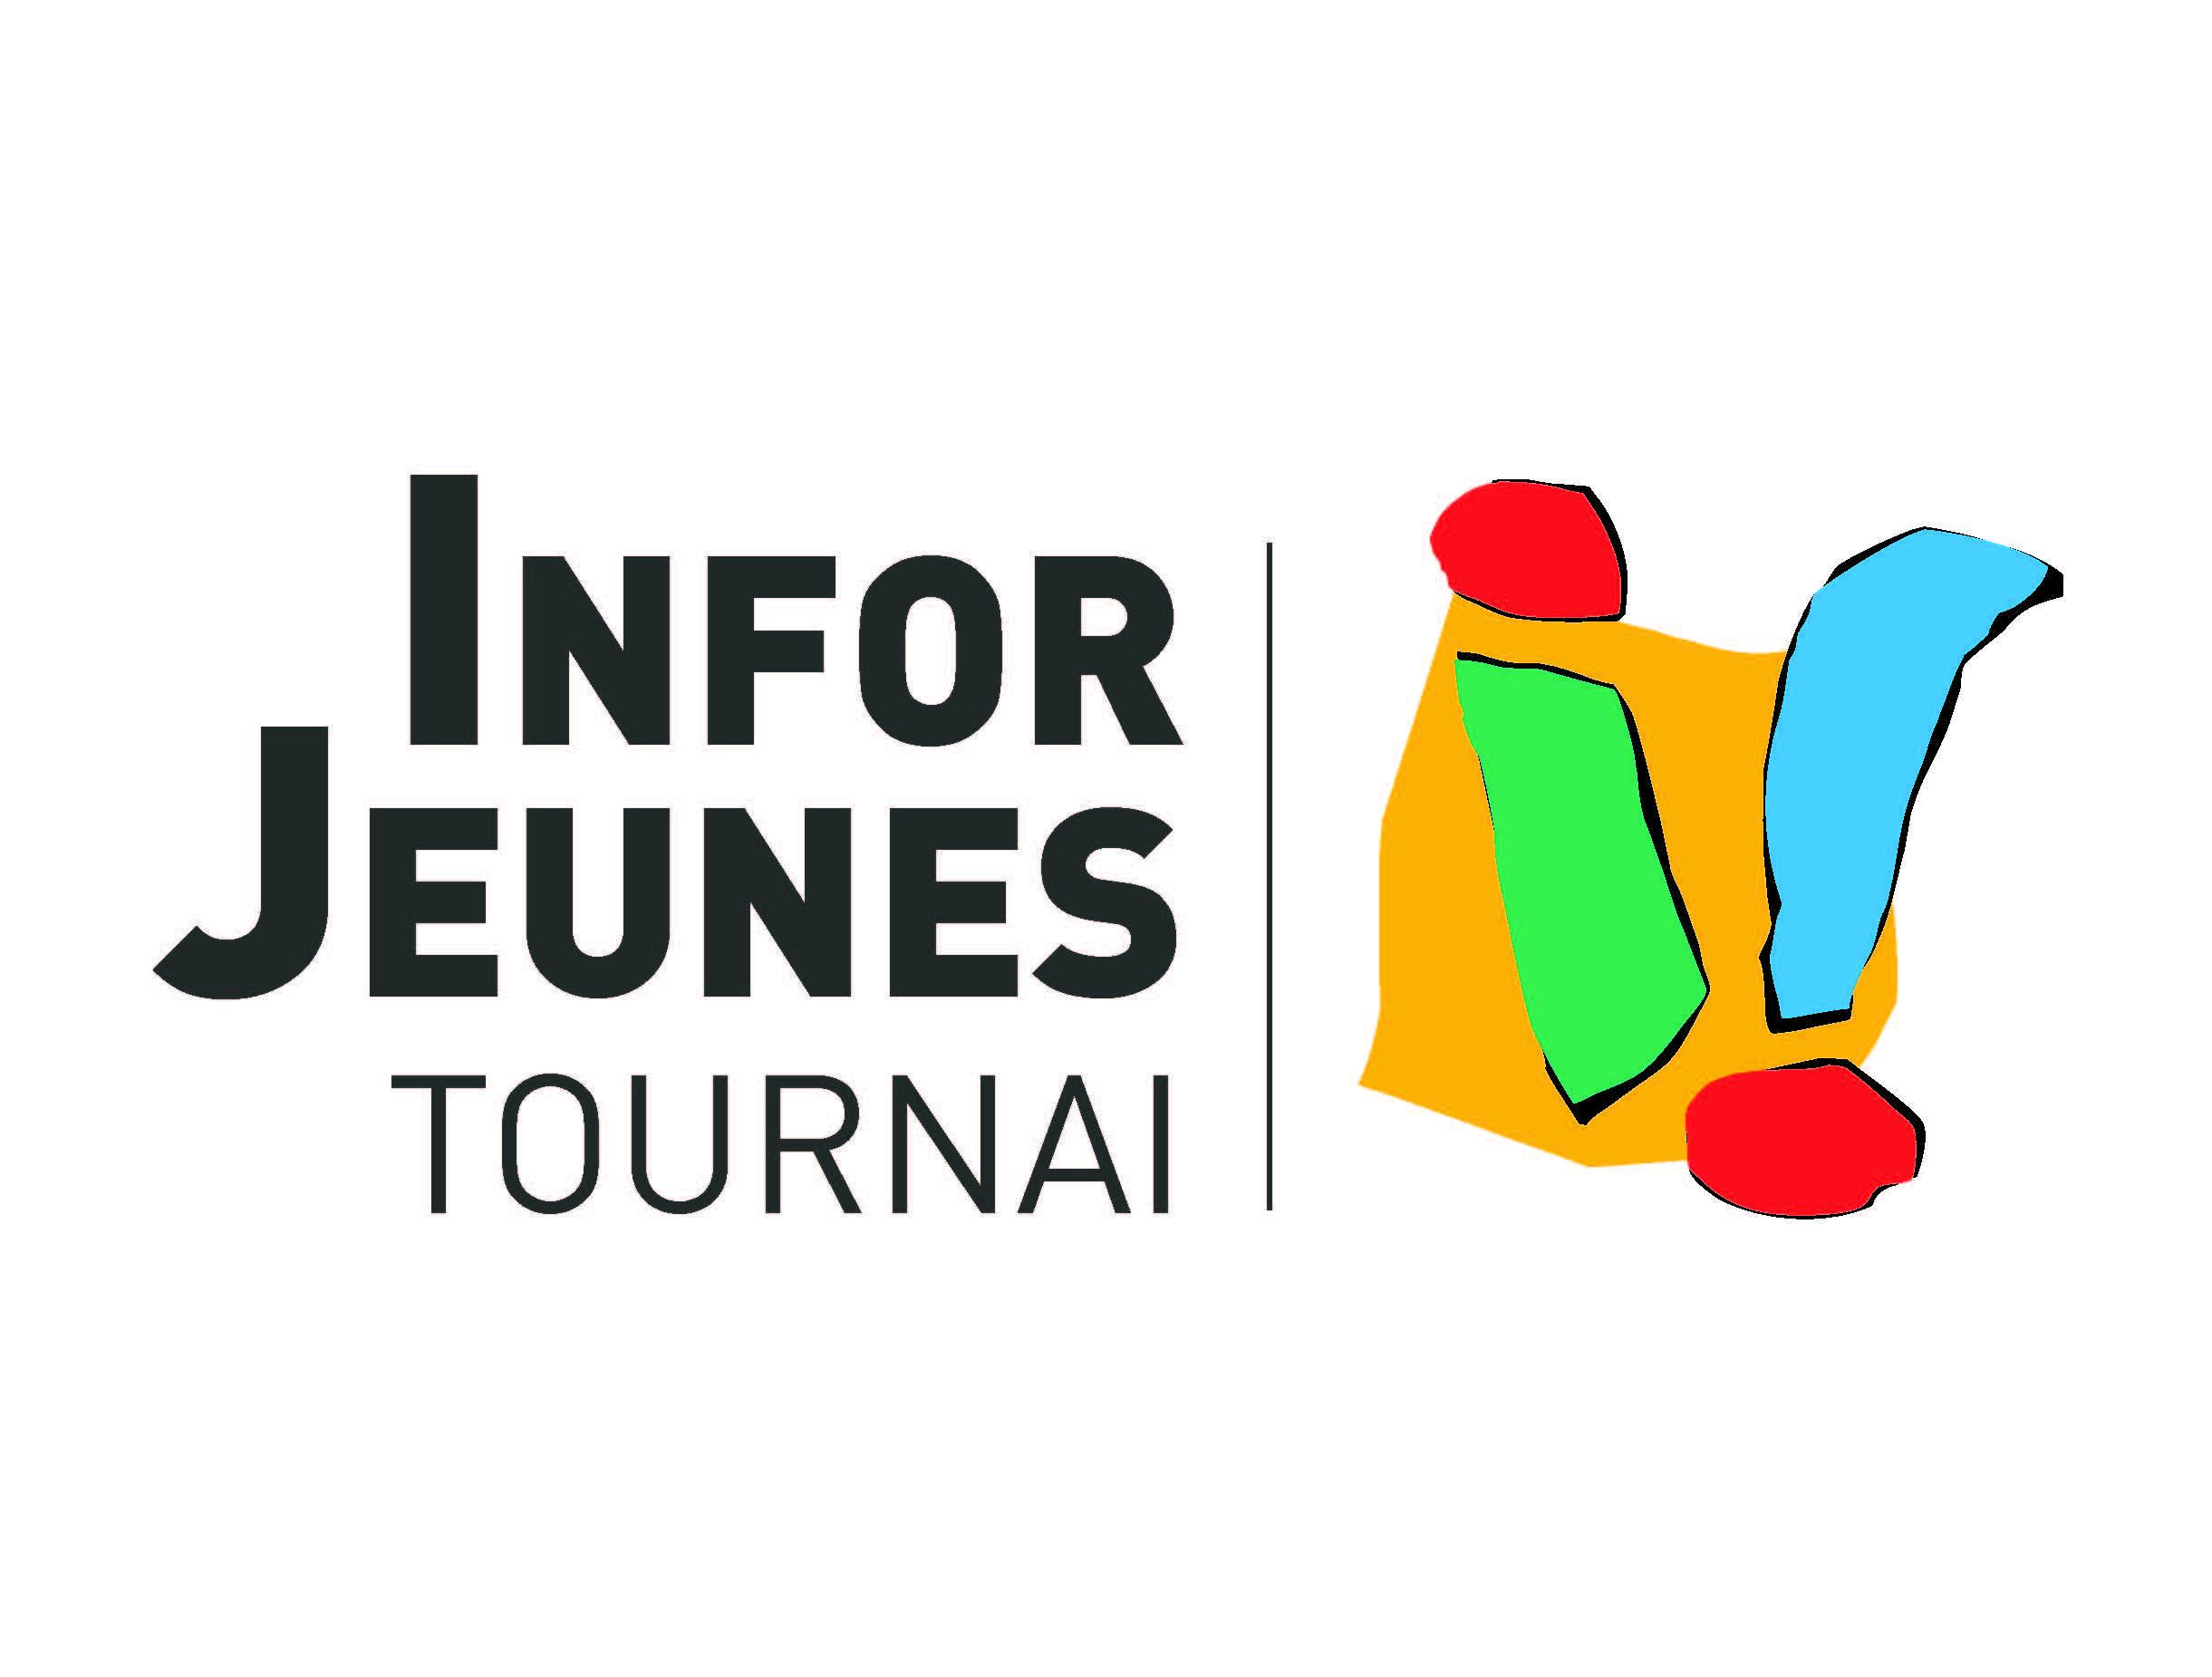 Infor Jeunes Tournai